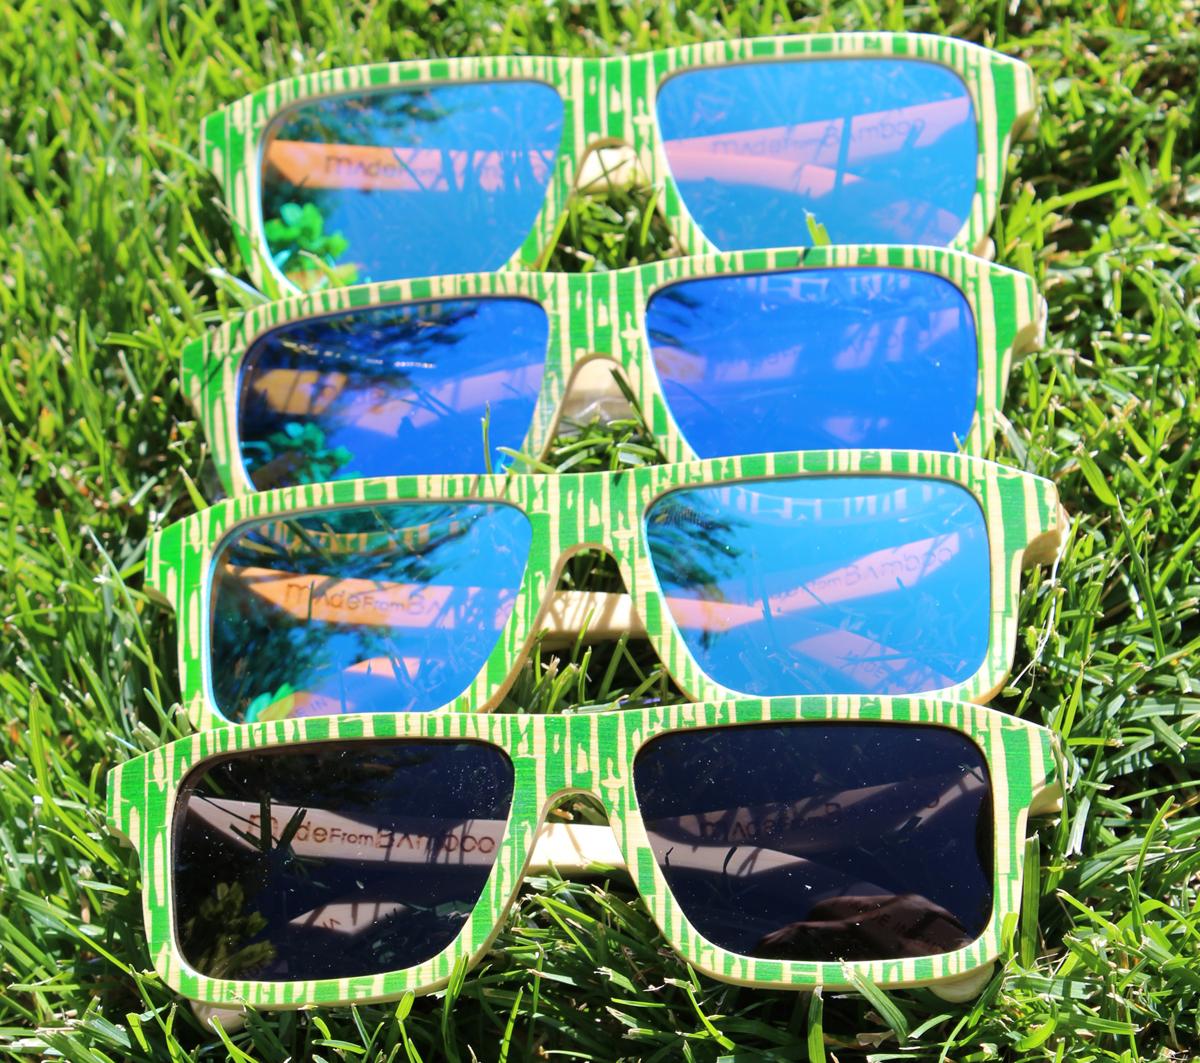 Bamboo Sunglasses by Baki Clothing Company